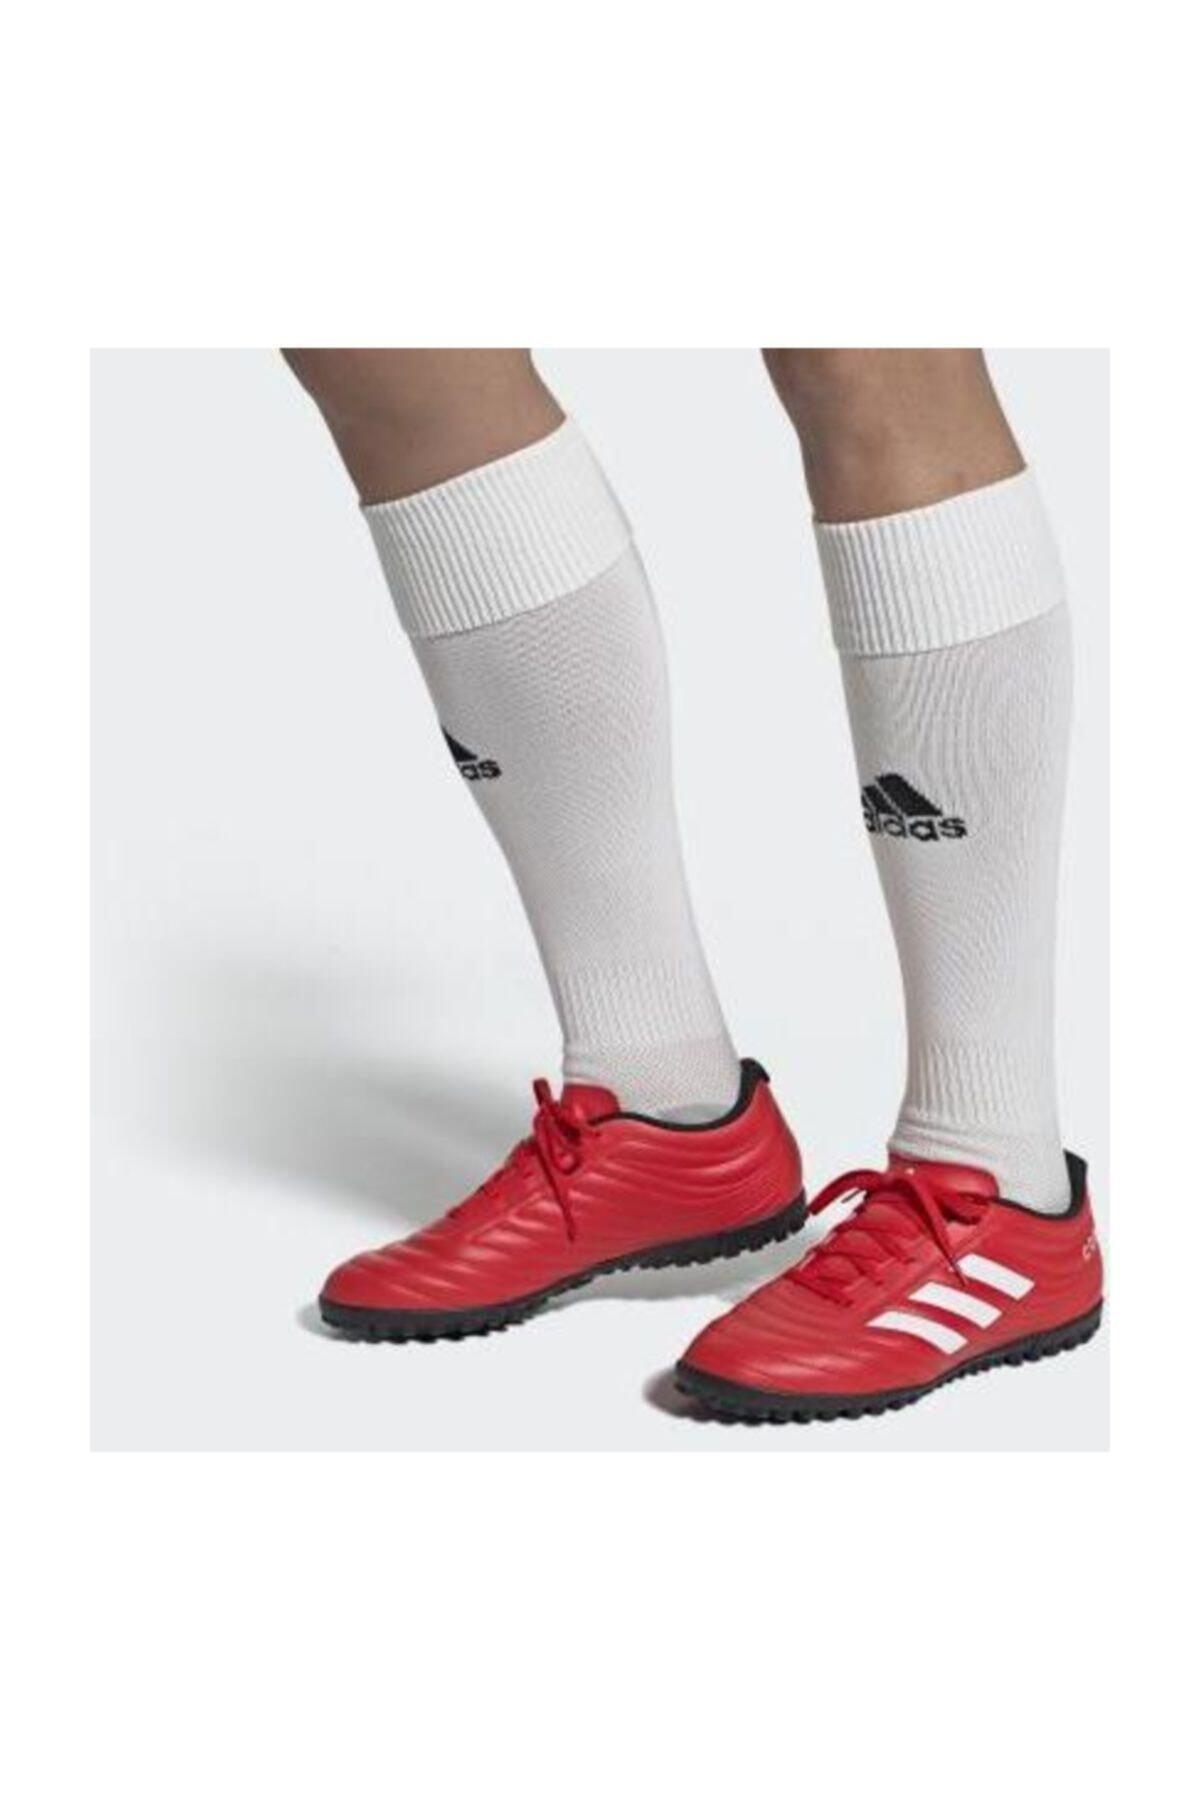 adidas G28521 Copa 20.4 Tf Futbol Halı Saha Ayakkabısı 2